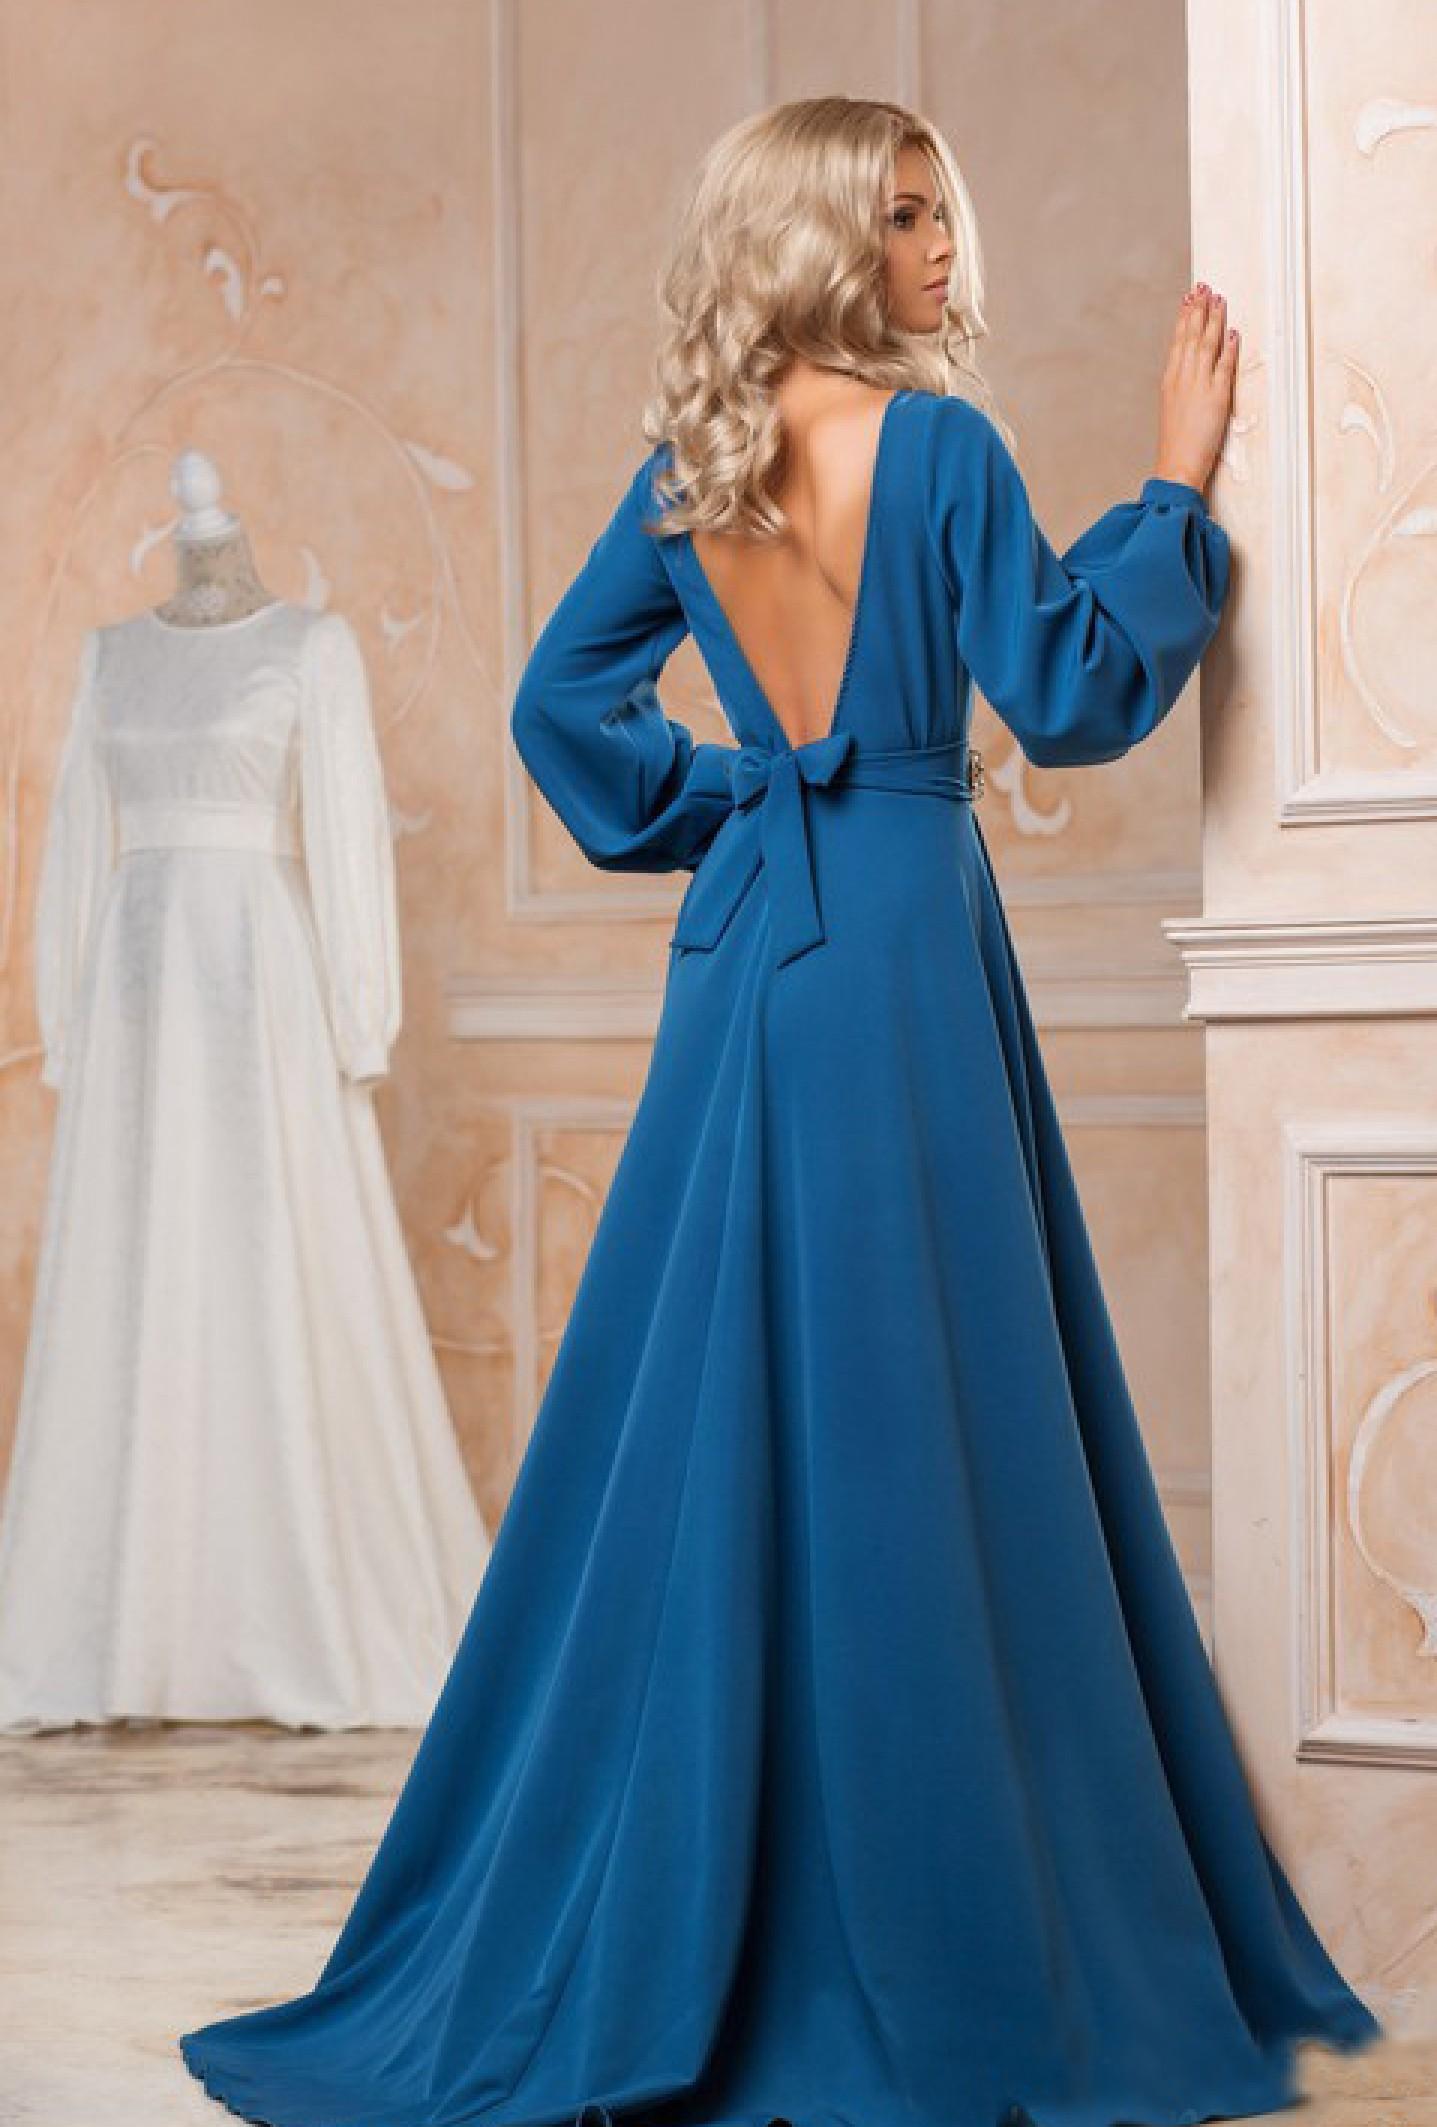 ebe2f81c5f8 Длинное Платье Фото С Открытой Спиной